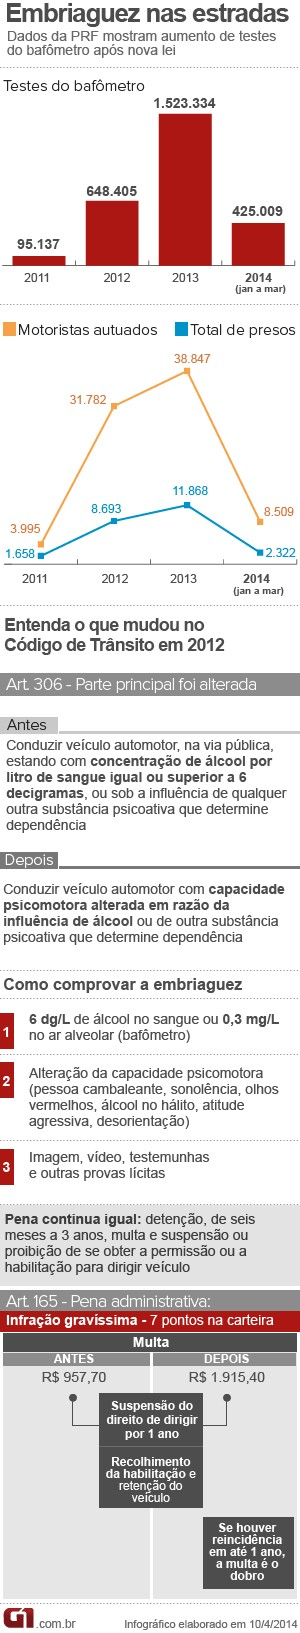 Arte embriaguez nova (Foto: Arte/G1)